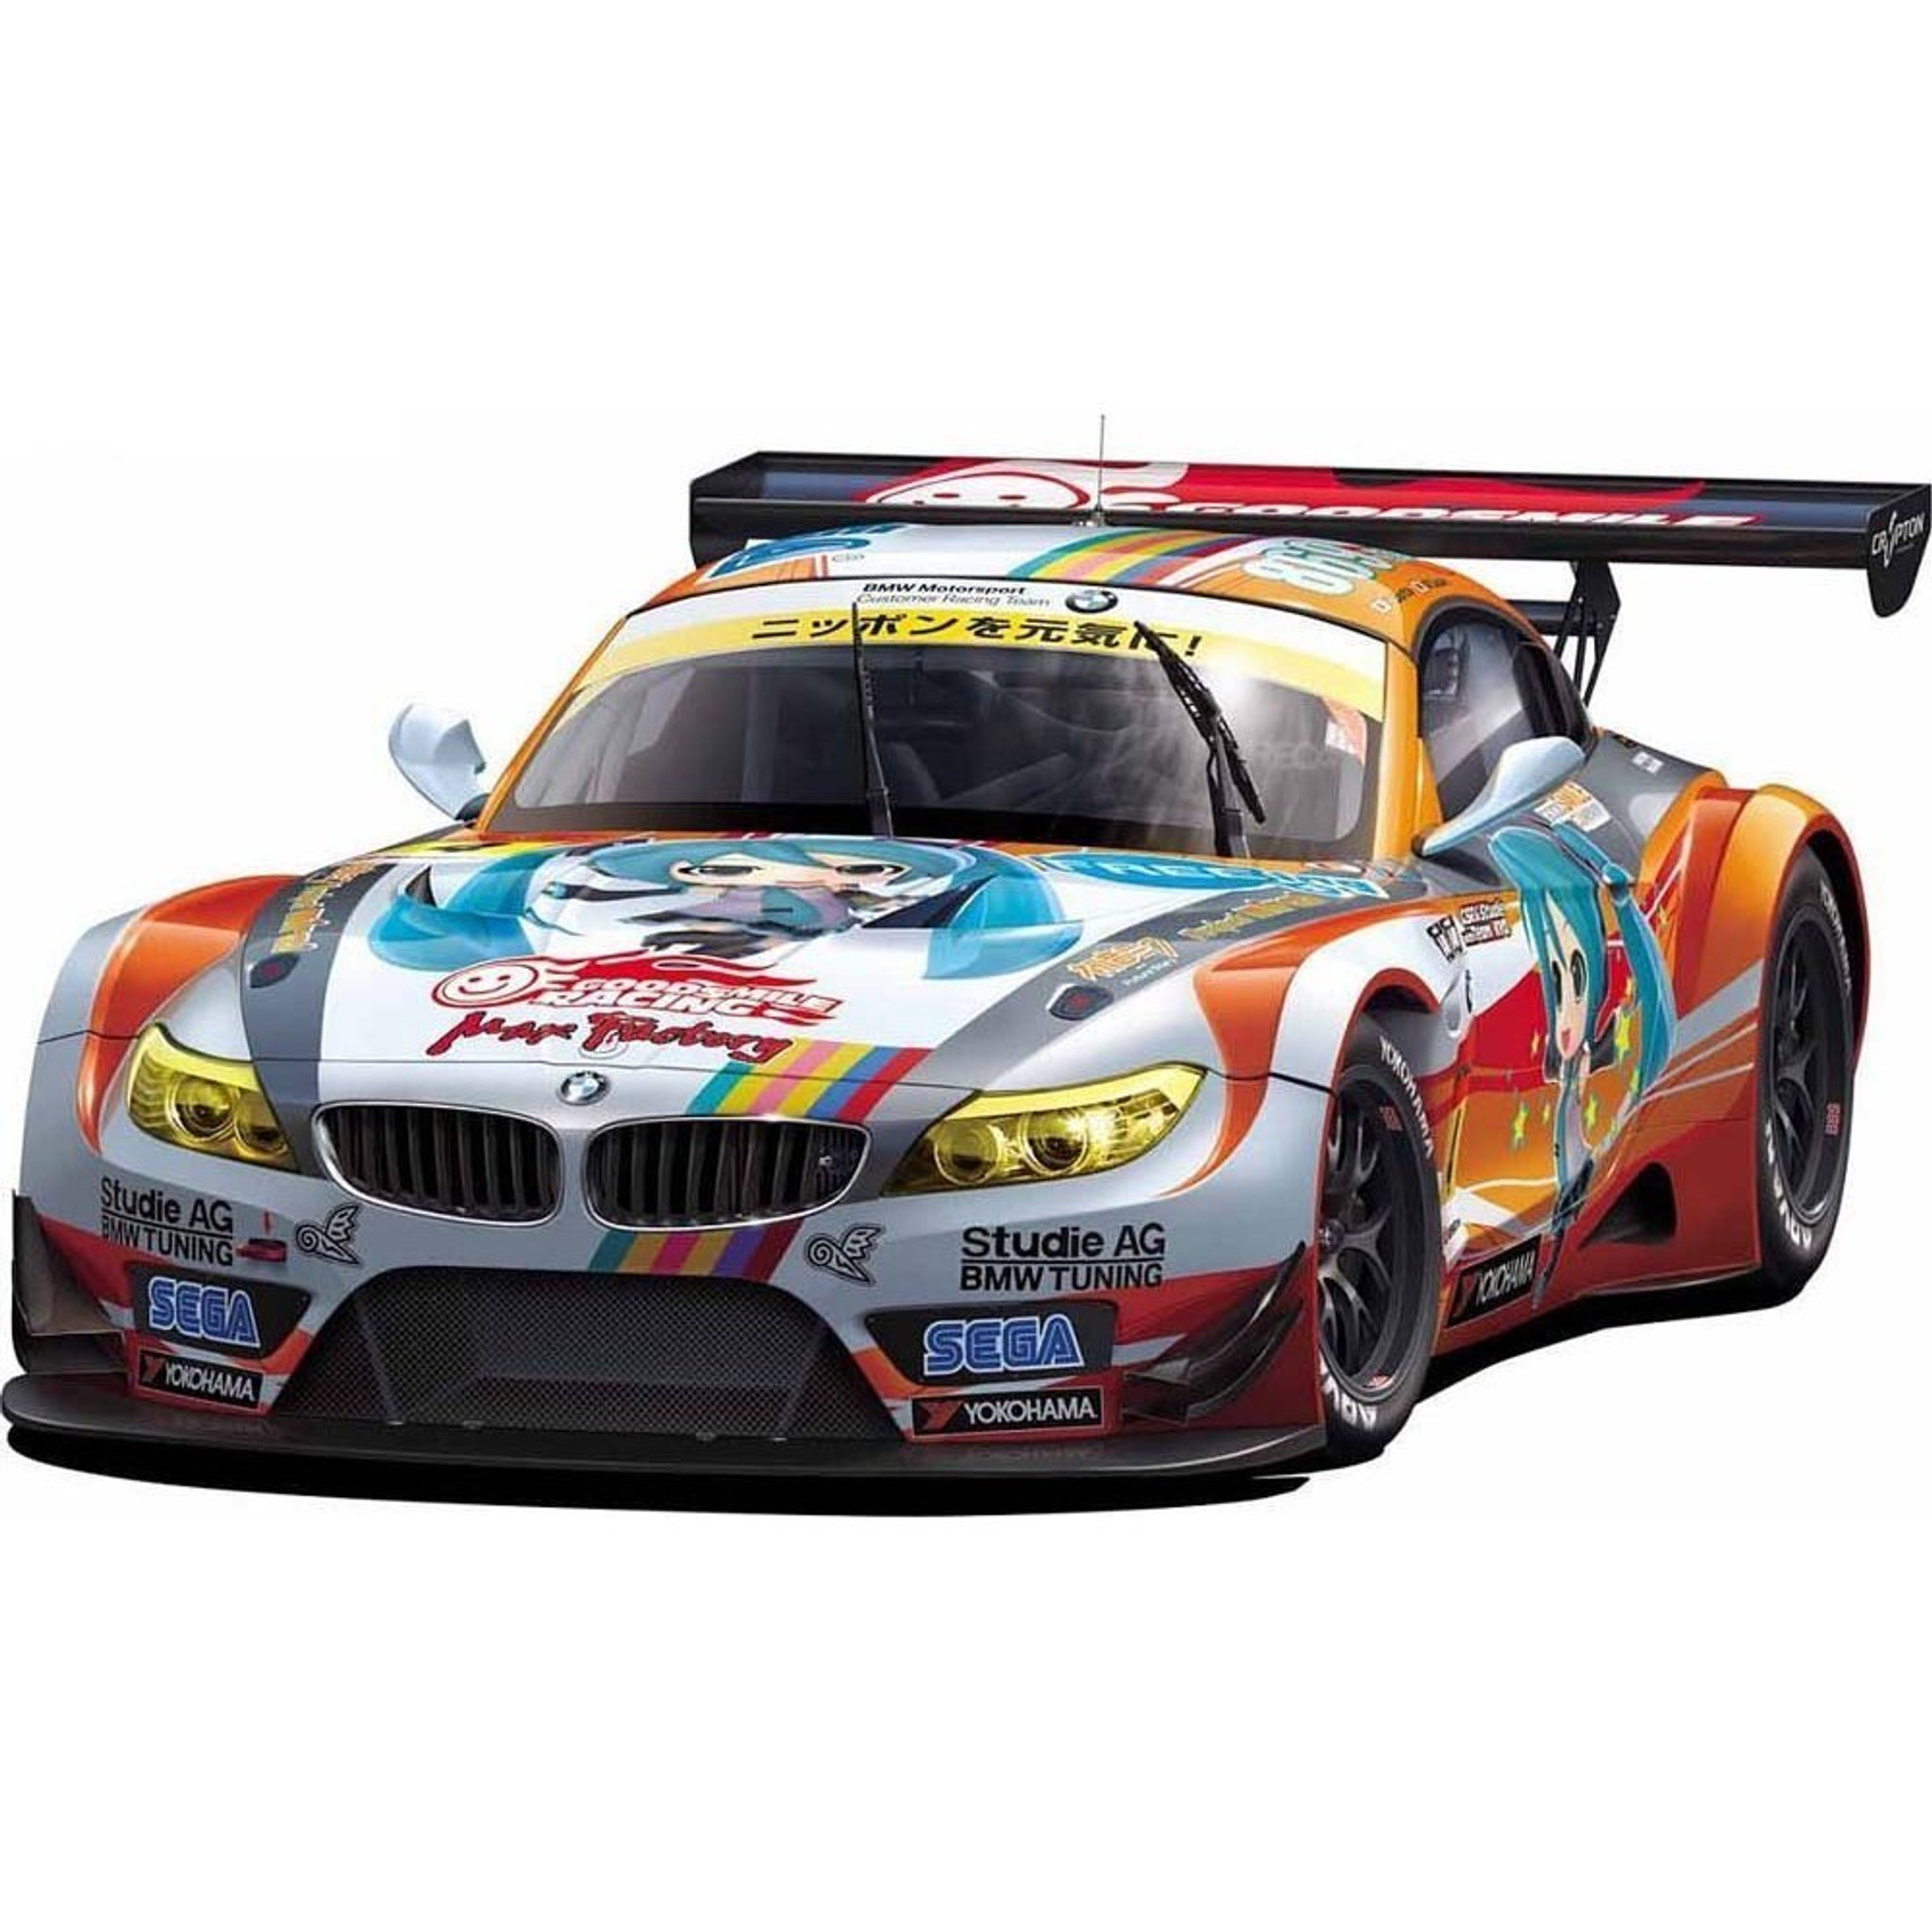 Bmw Z4 Gt3: Fujimi 170015 BMW Z4 GT3 Hatsune Miku GSR Project Mirai